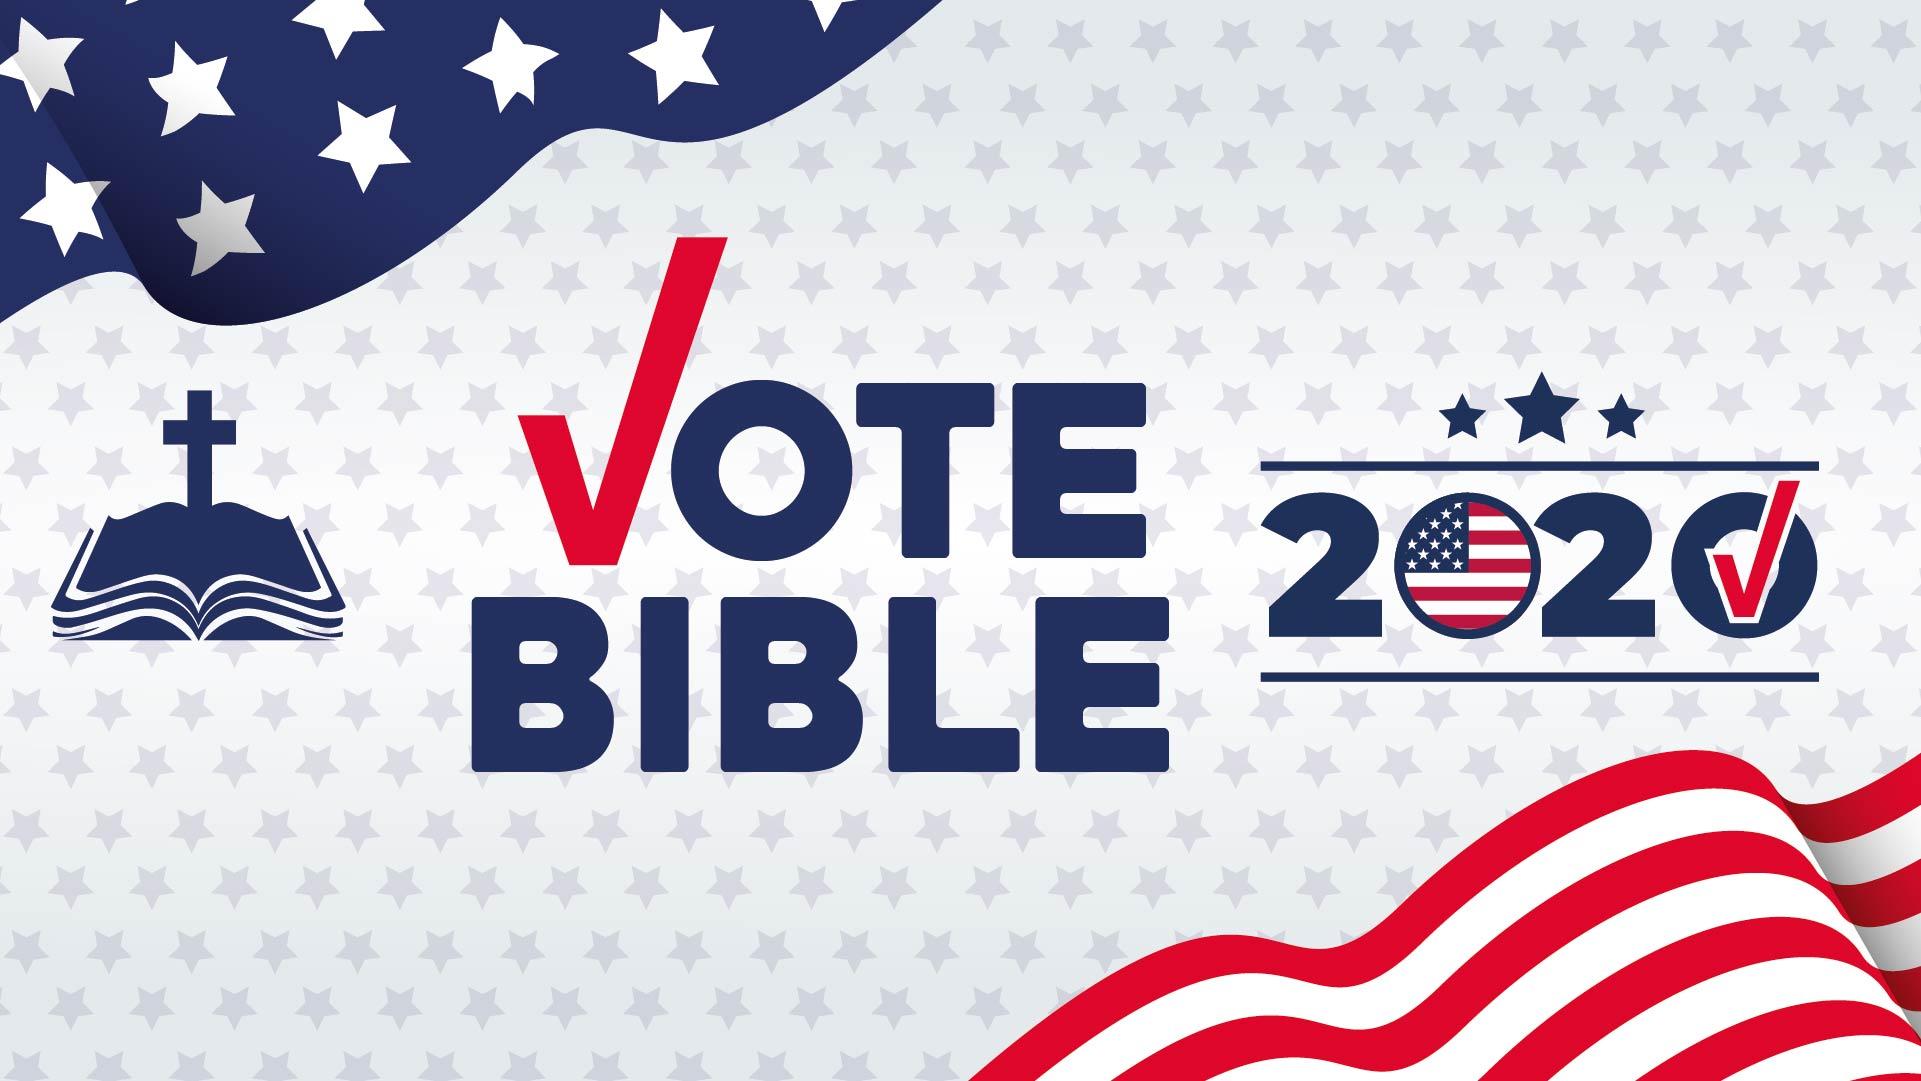 Vote Bible